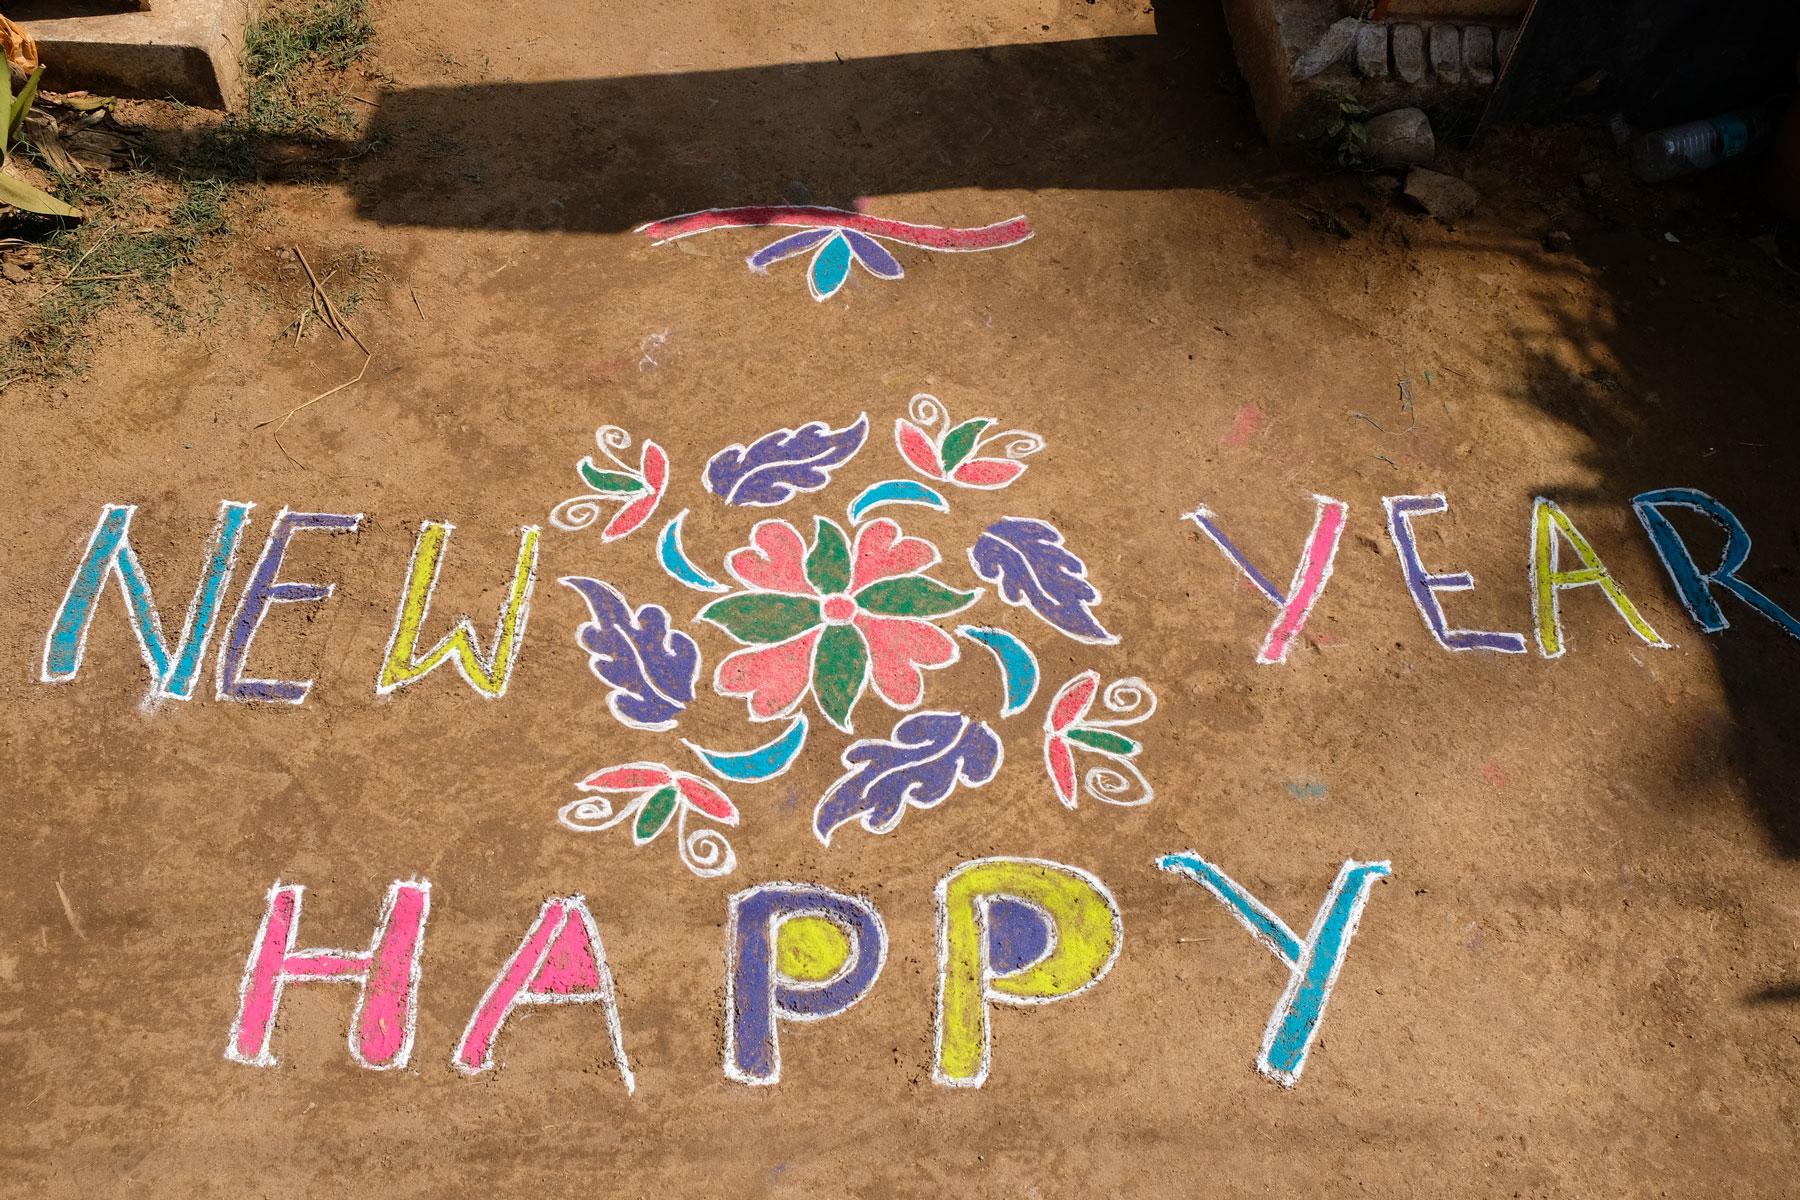 """Mit bunten Farben wurden die Worte """"Happy new year"""" auf den Boden gemalt."""